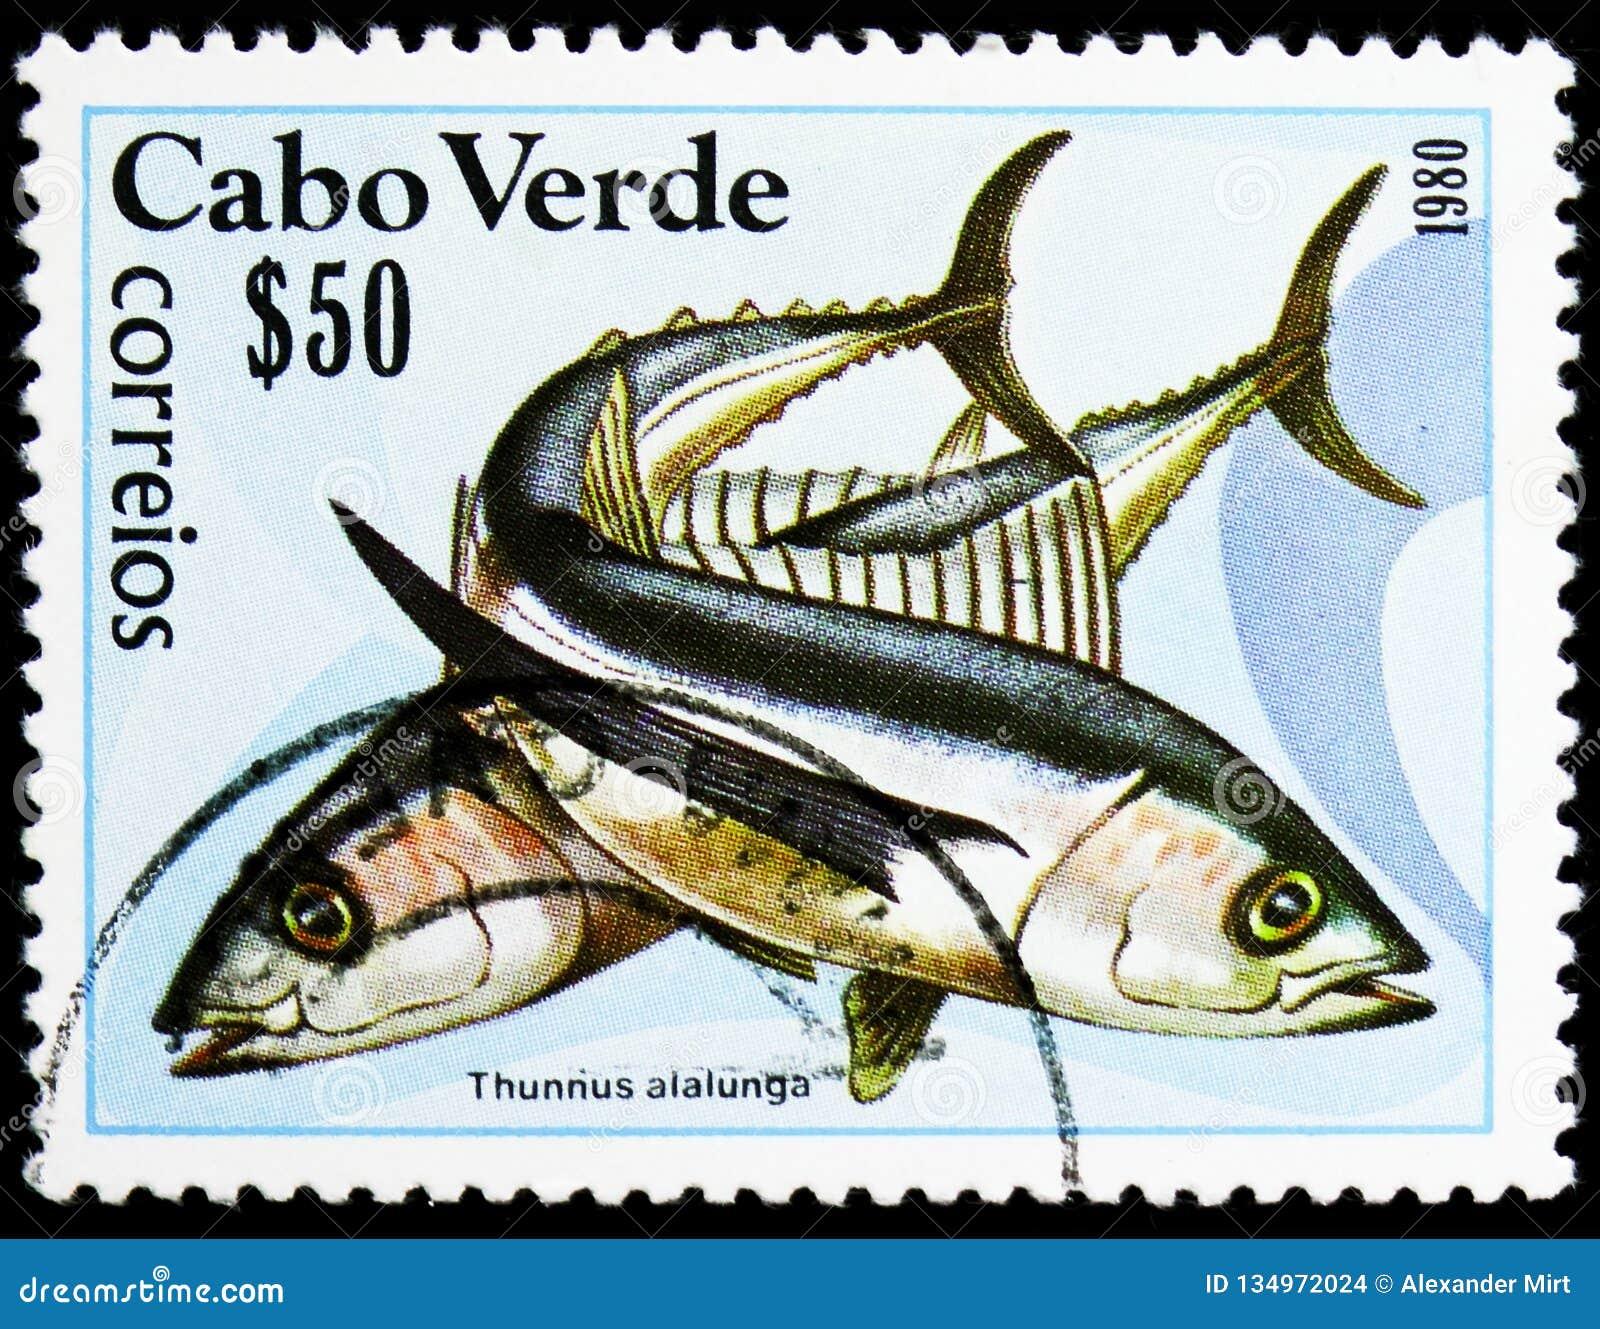 Albacore Tuna (Thunnus alalunga), Fishes serie, circa 1980